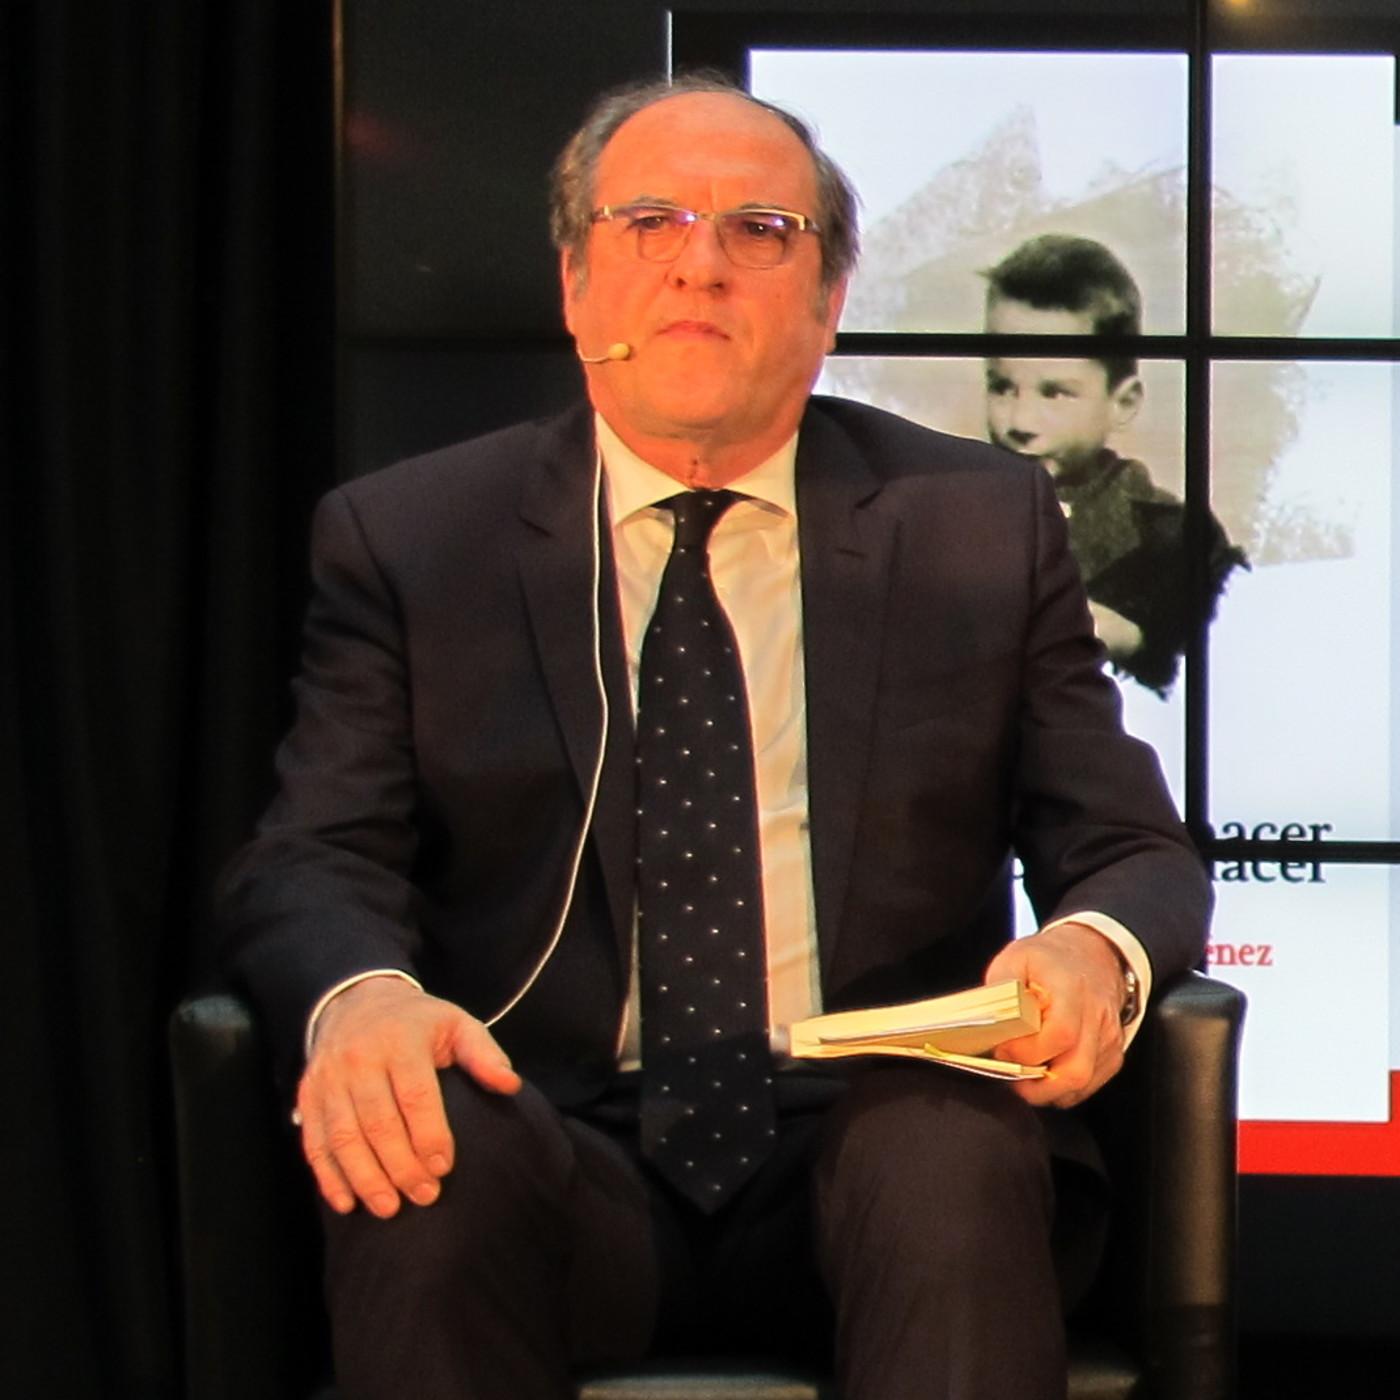 Presentación del libro de Antonio Morillas